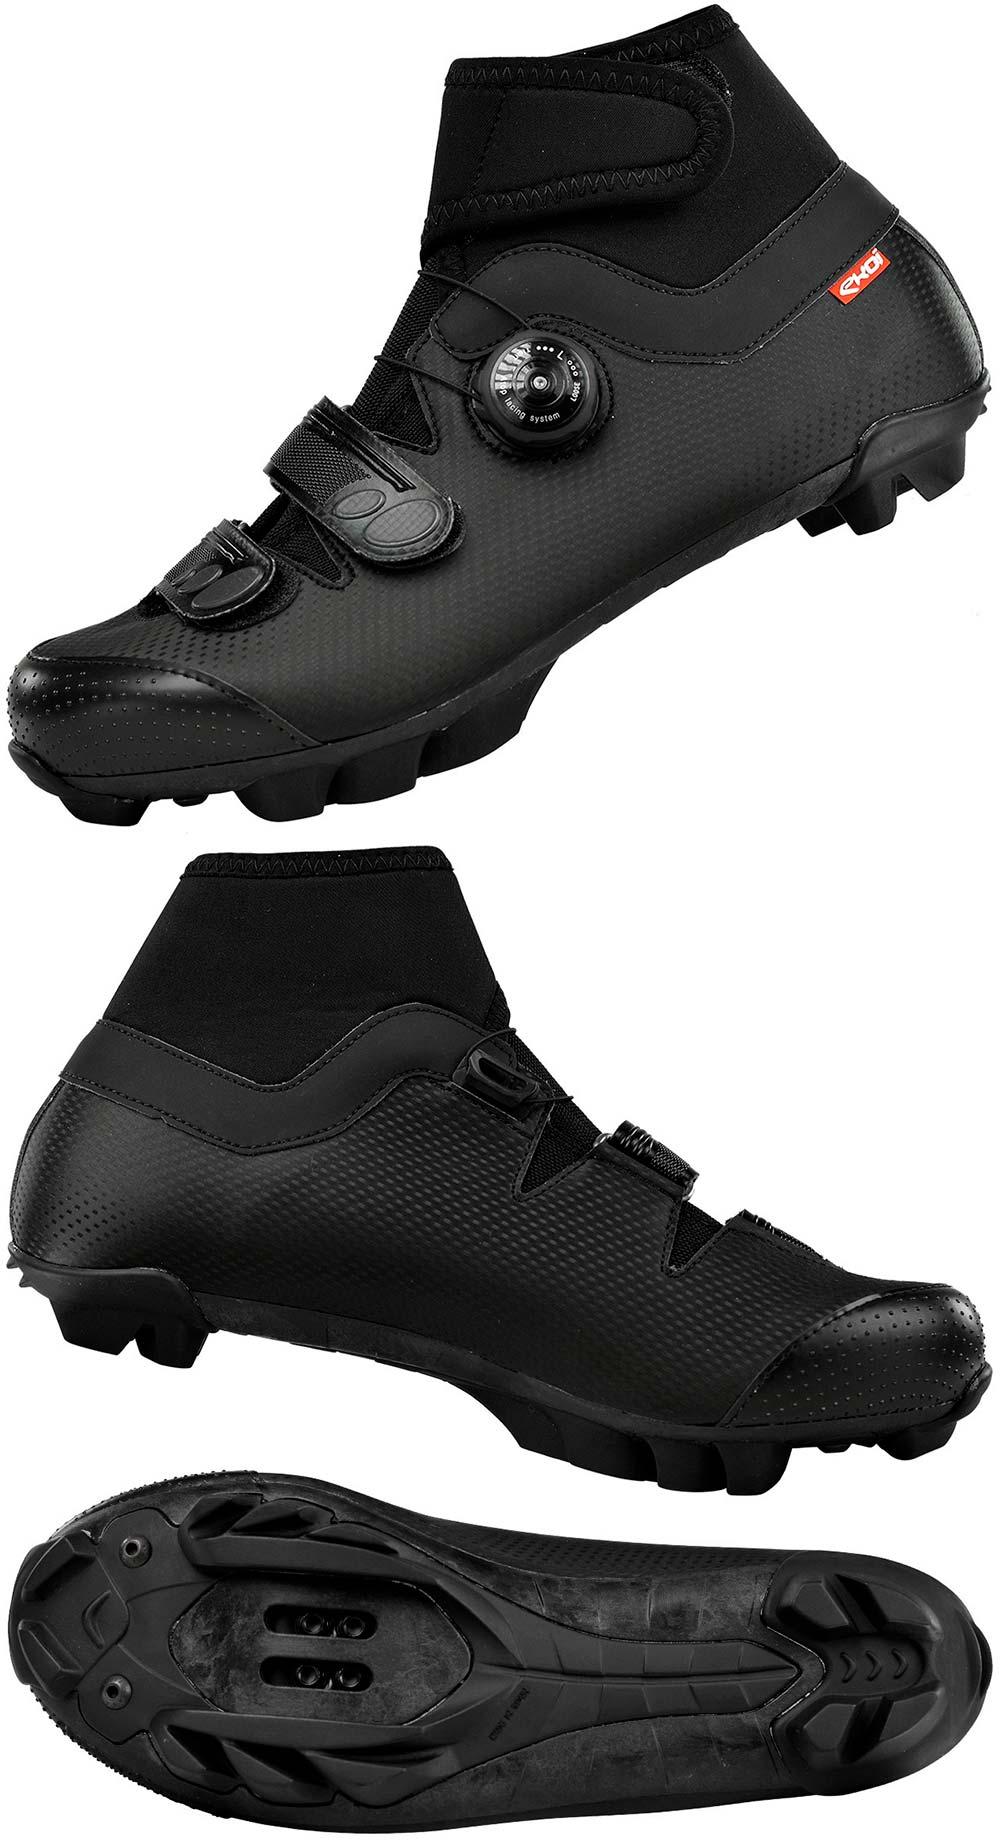 En TodoMountainBike: Ekoï Winter Carbon, unas zapatillas de invierno con forro de neopreno y suela de carbono